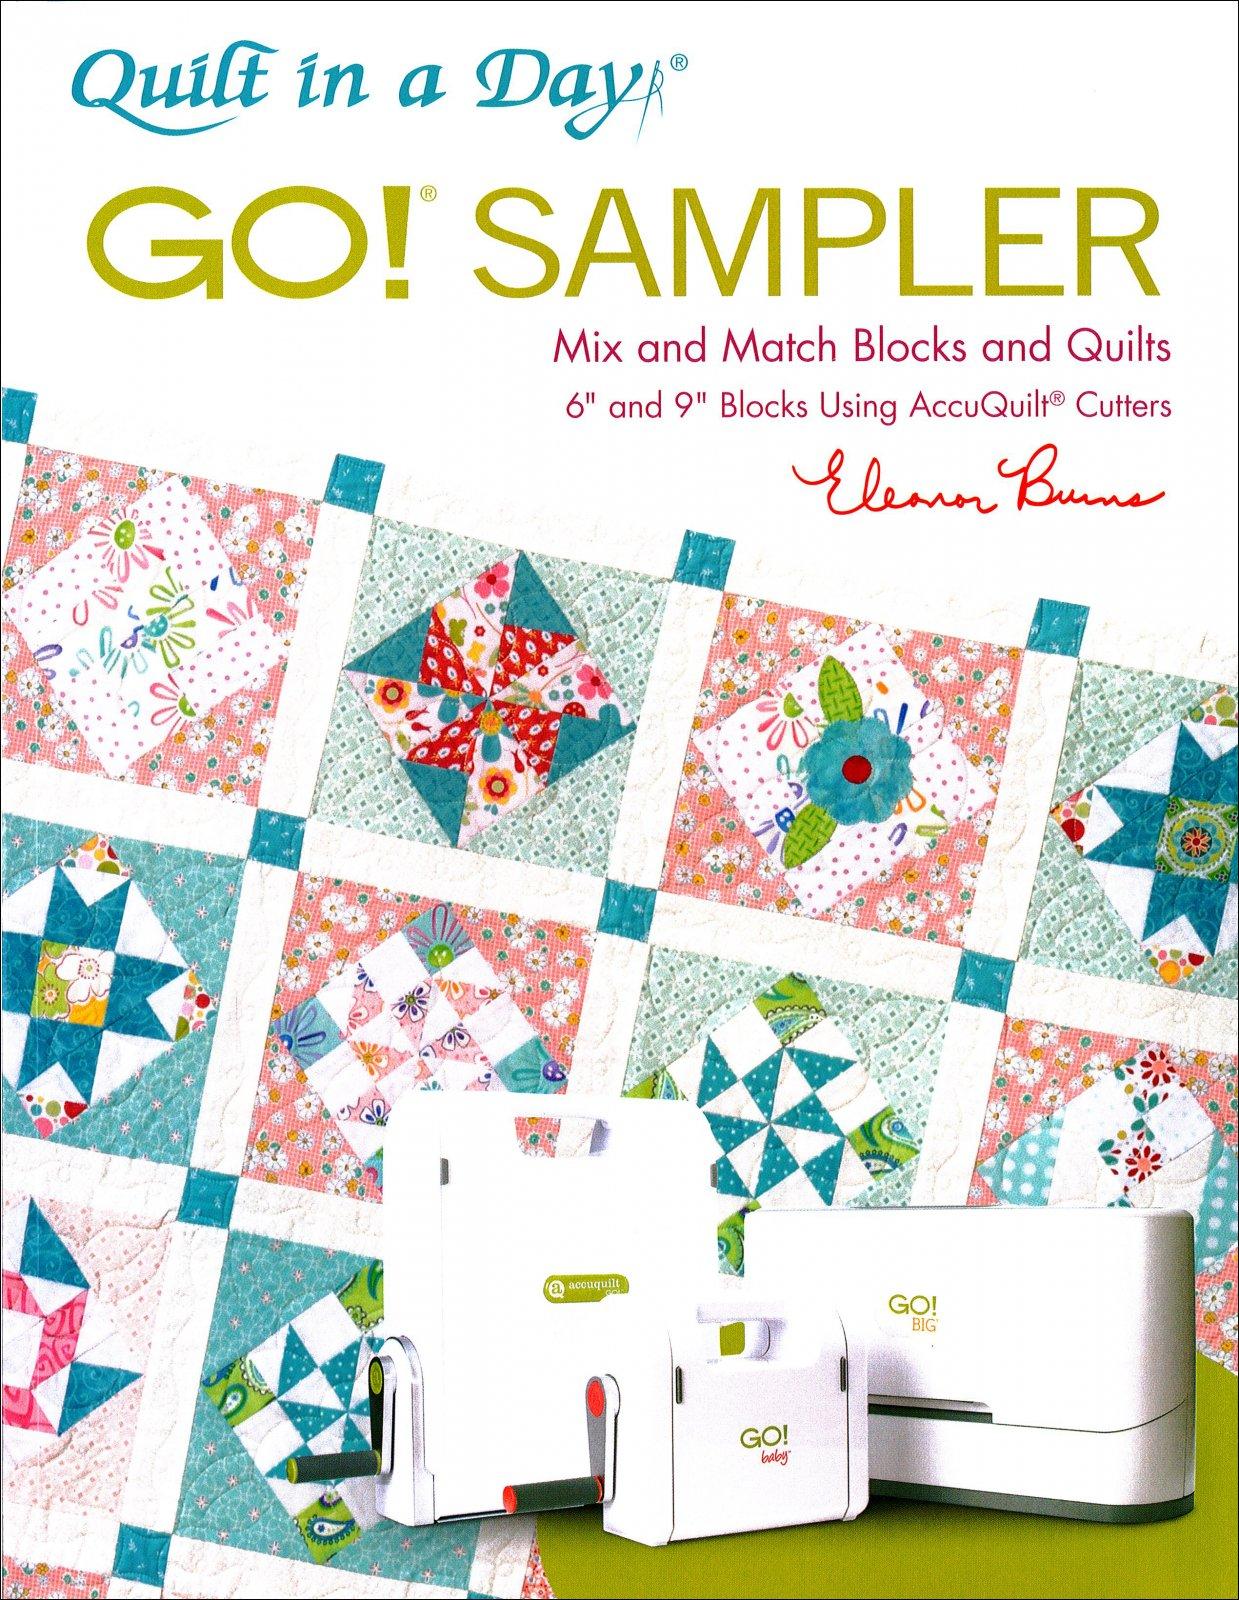 Quilt in a Day: Go! Sampler